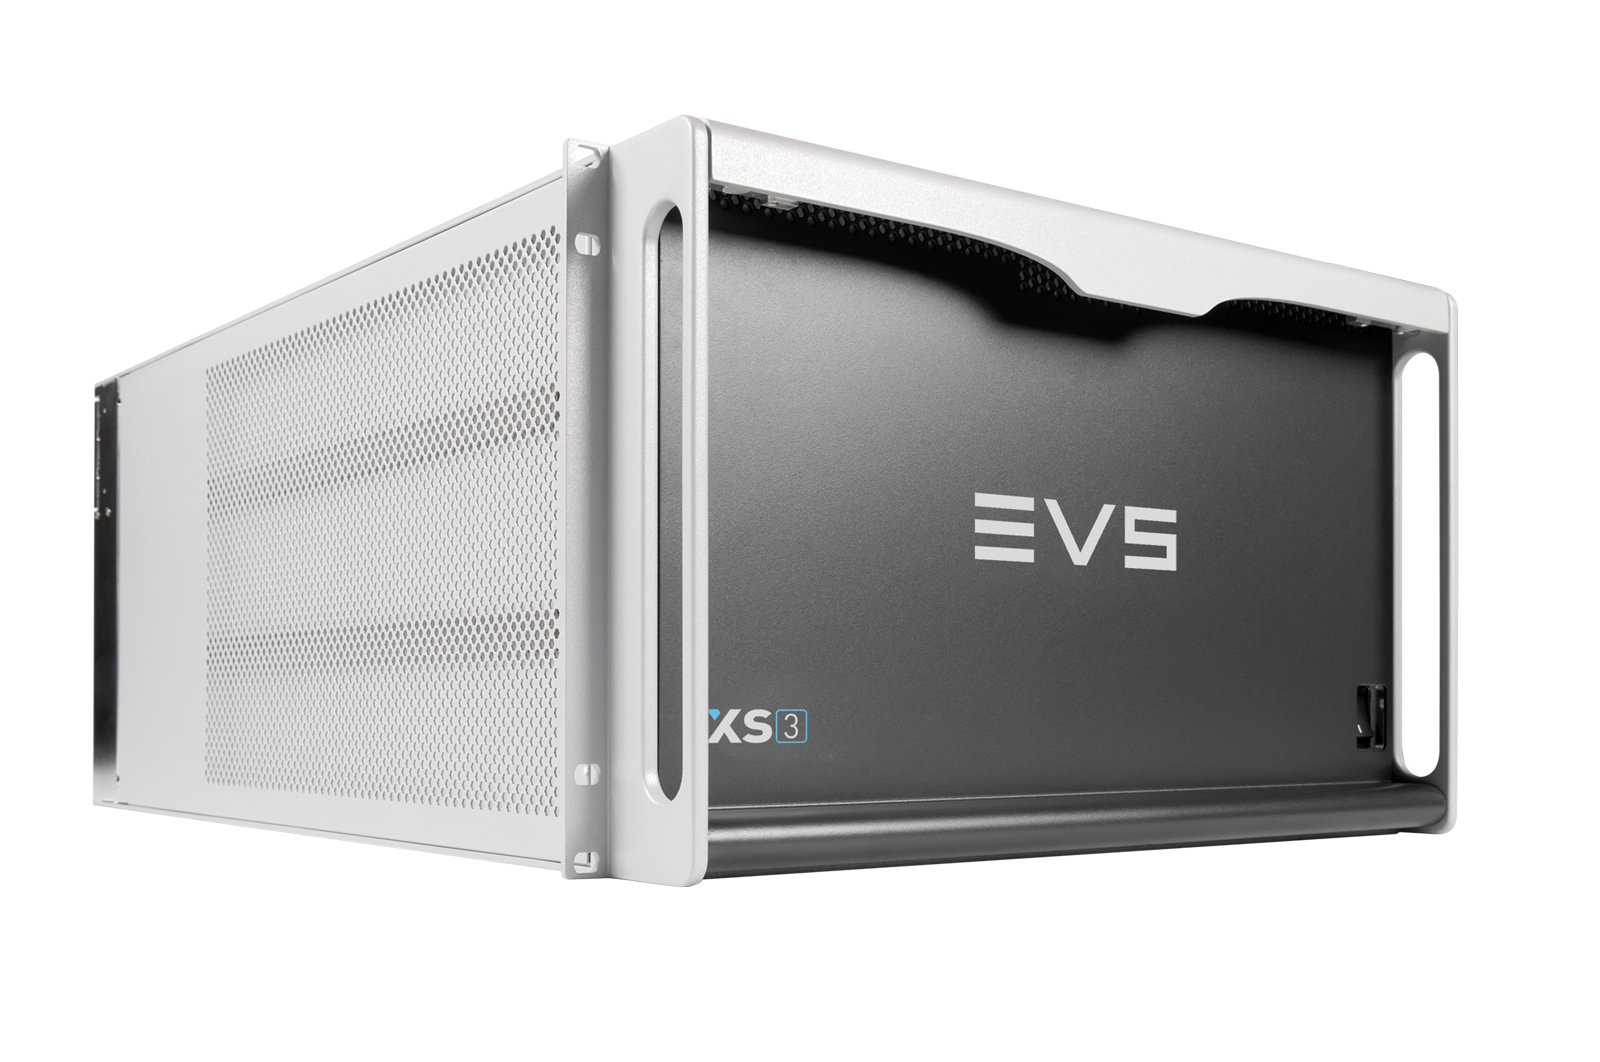 EVS XS3.left_.big_